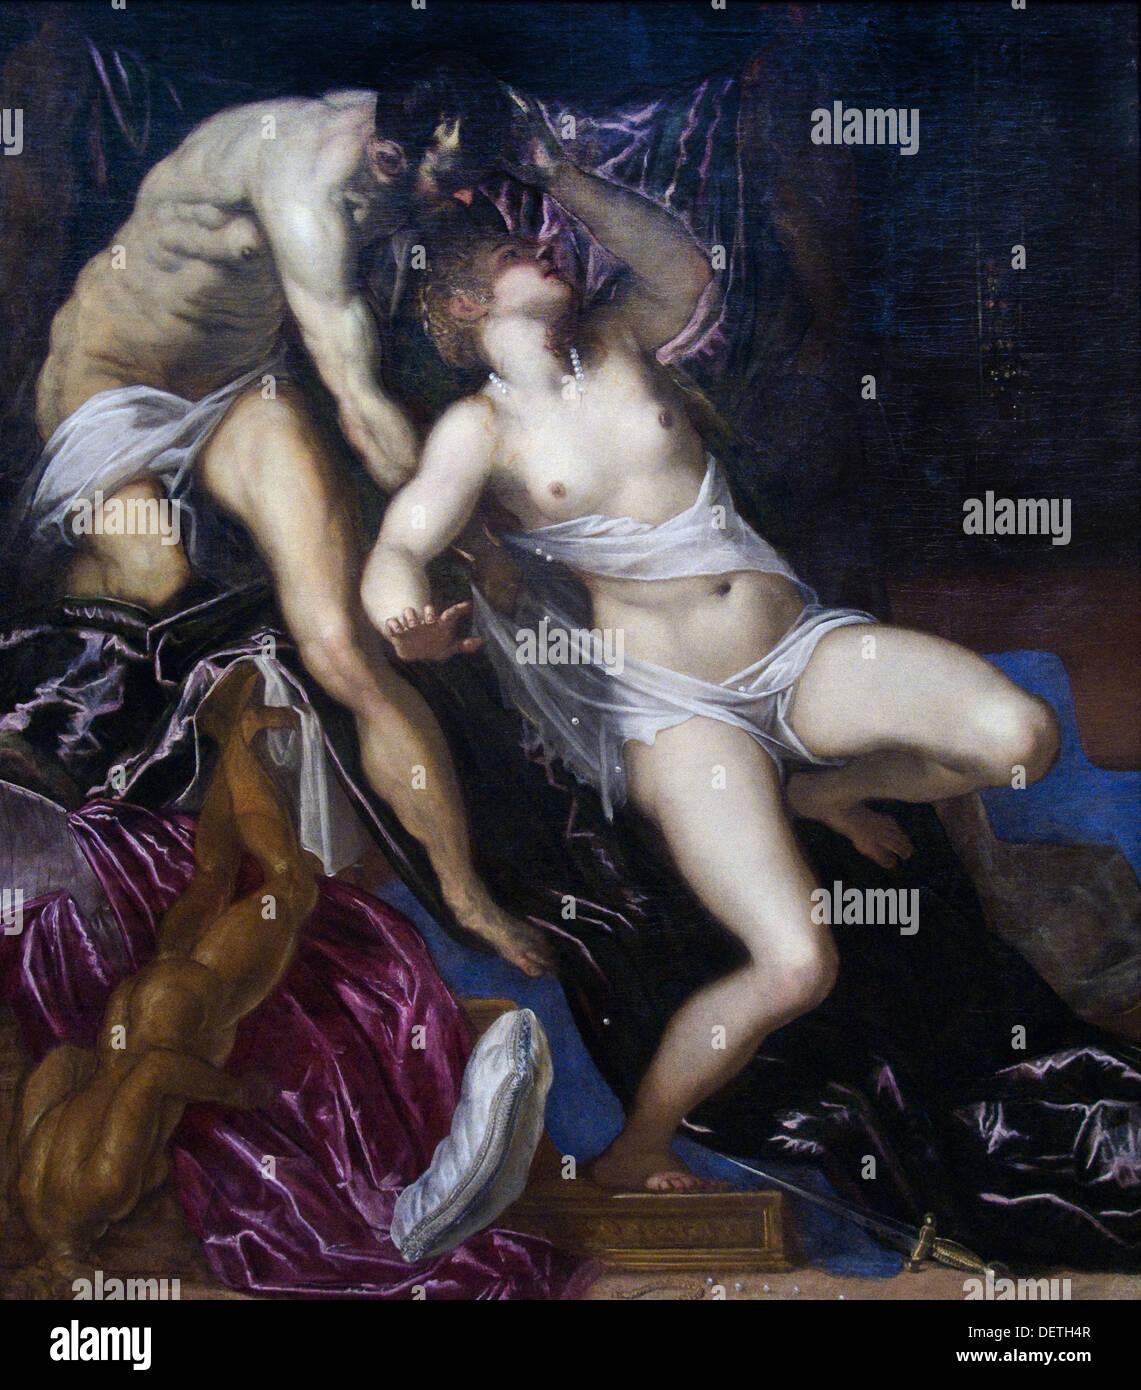 Jacopo Tintoretto robuste - Tarquin et Lucrèce - 1580 - L'Art Institute de Chicago Photo Stock